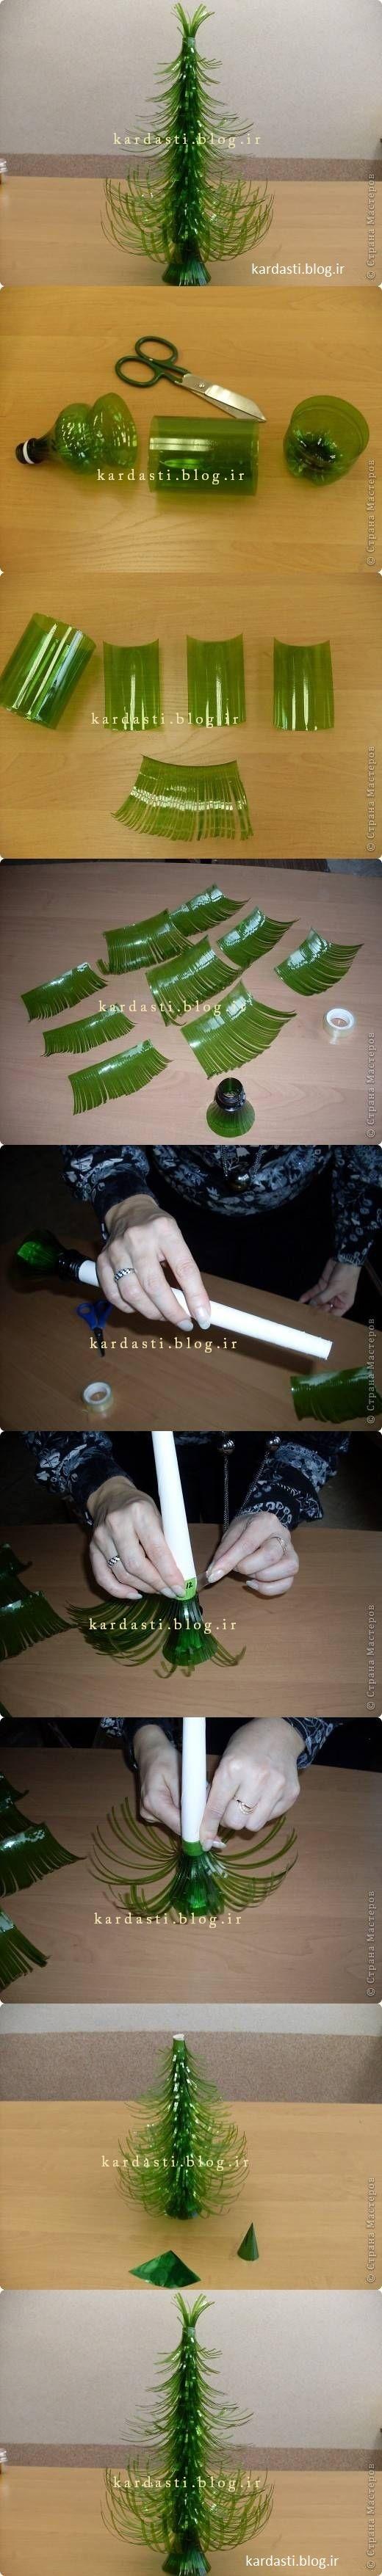 آموزش درست کردن درخت کاج با بطری پلاستیکی